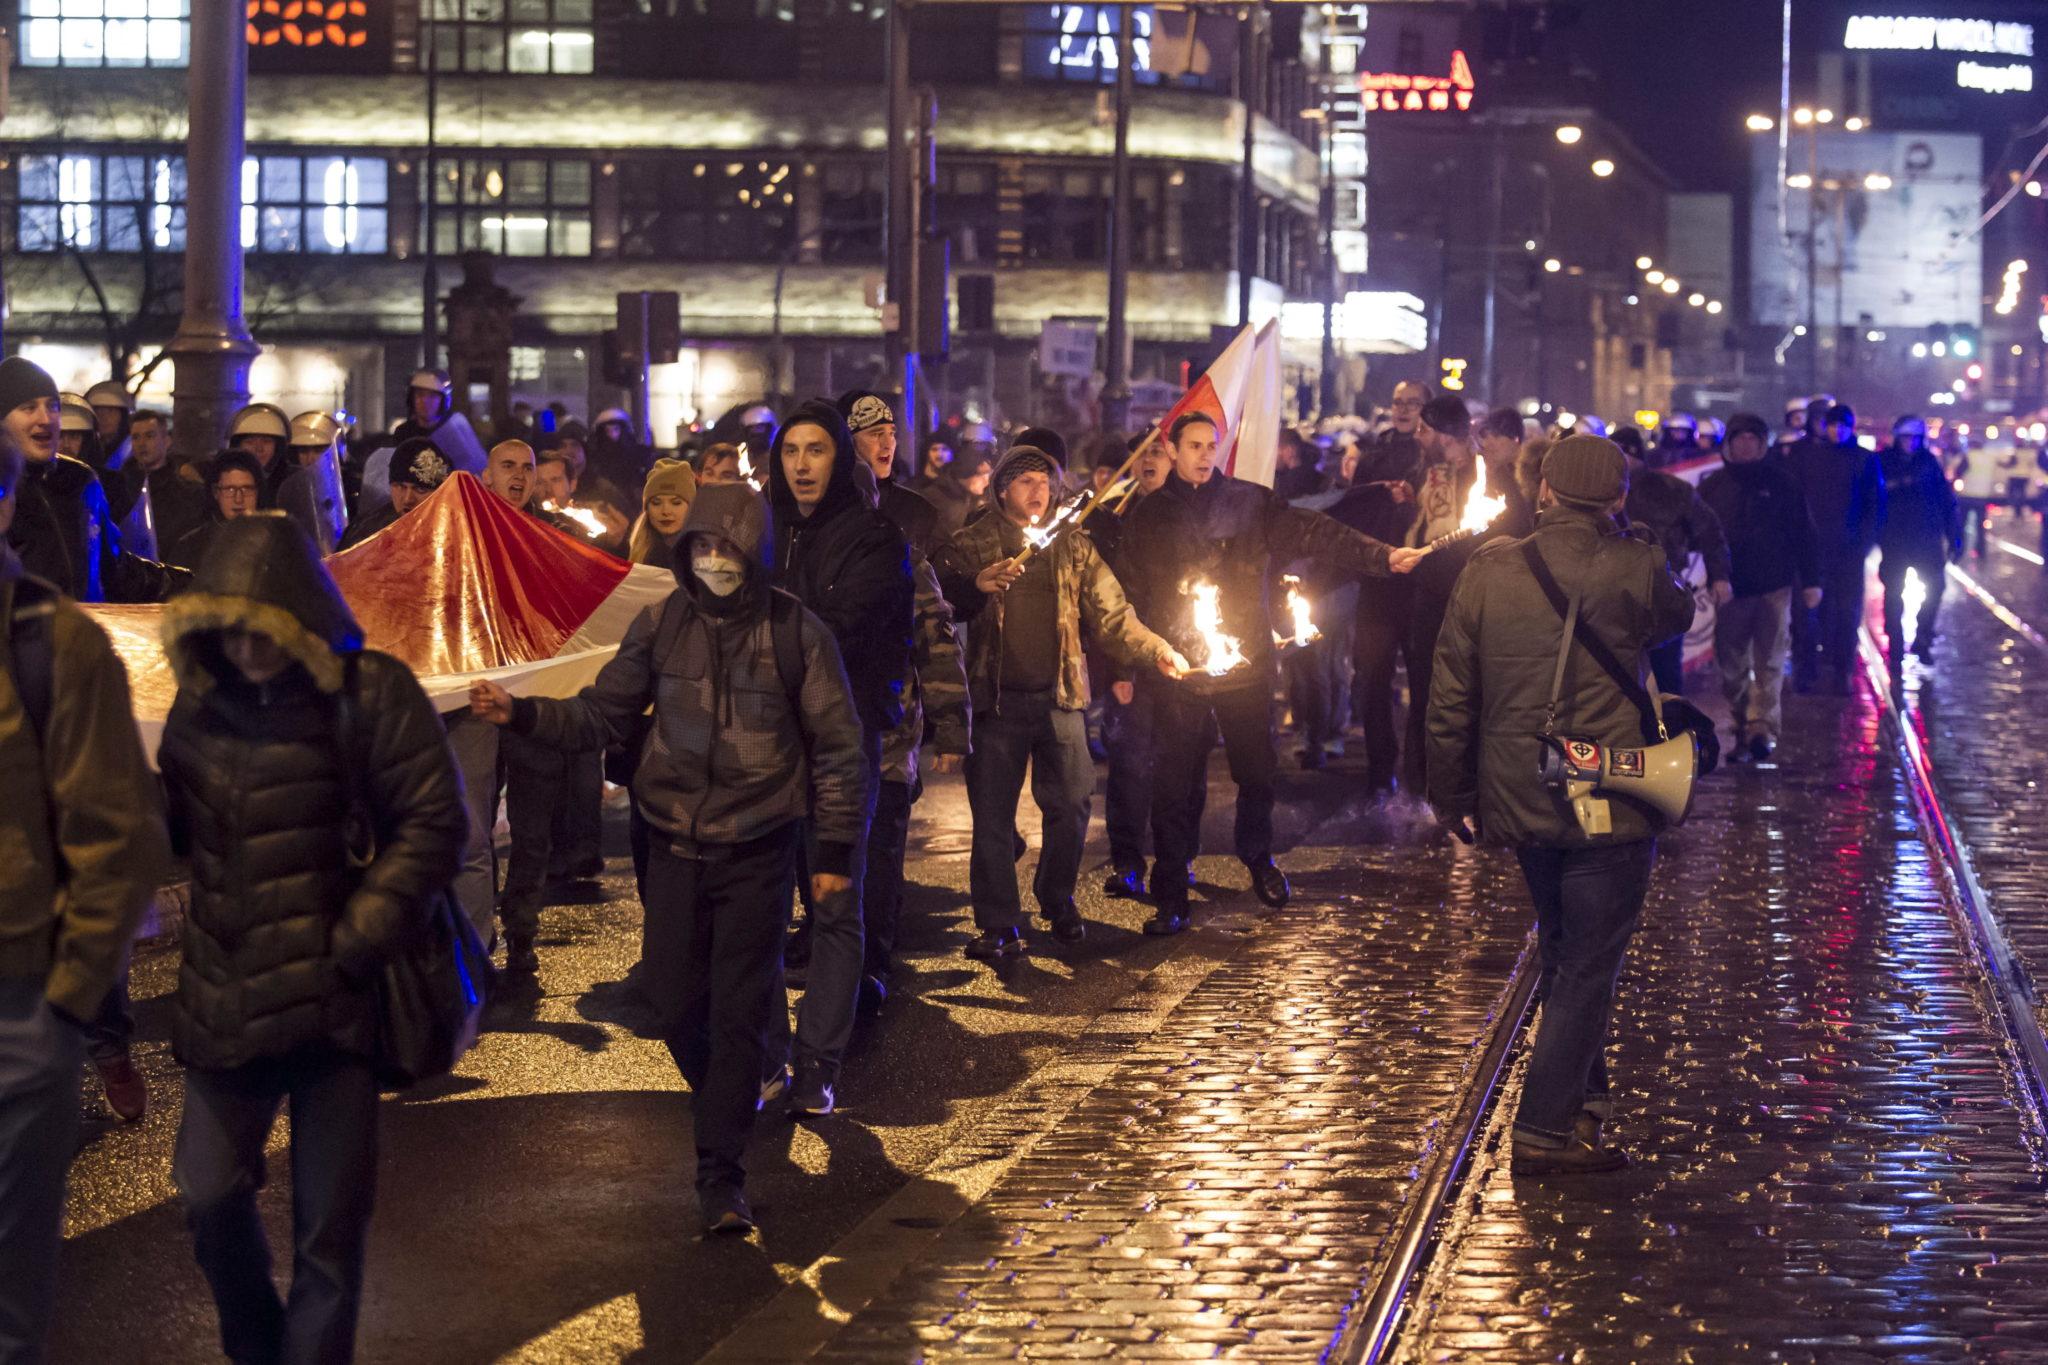 Marsz Patriotów, zorganizowany przez Narodowe Odrodzenie Polski, przeszedł ulicami Wrocławia, fot: PAP/Aleksander Koźmiński